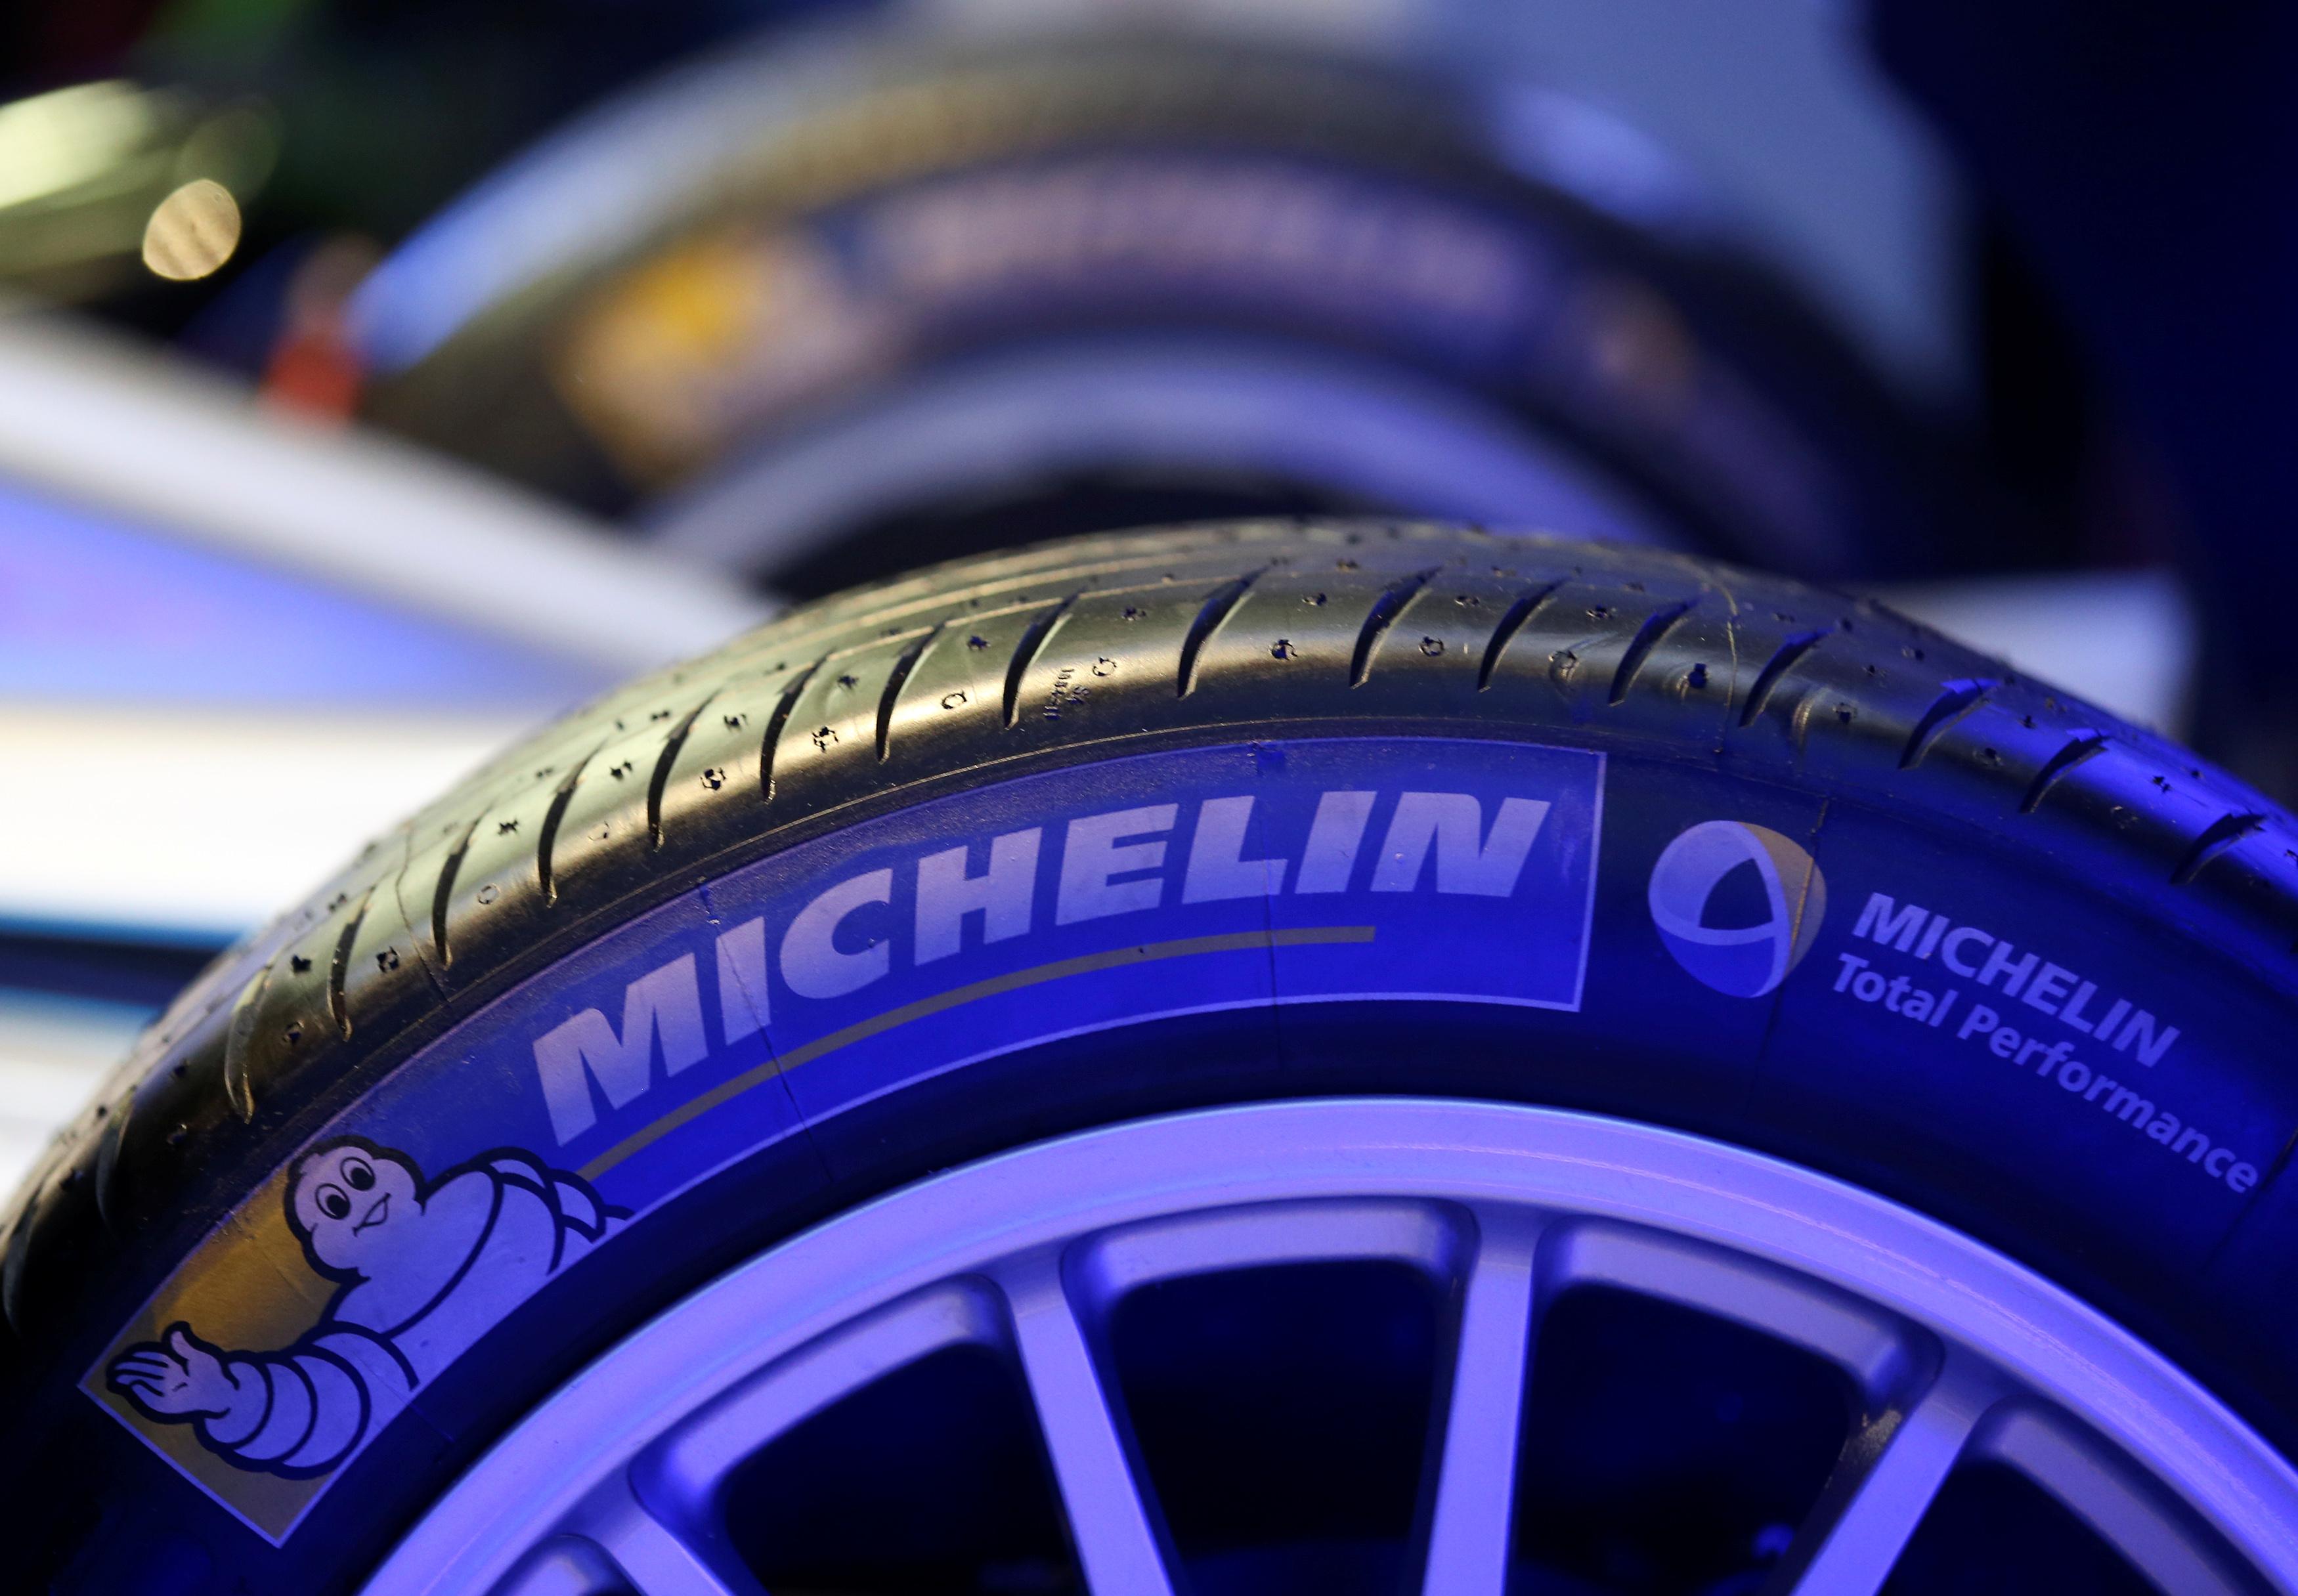 700 millions de pneus chinois, Obama, Michelin et moi